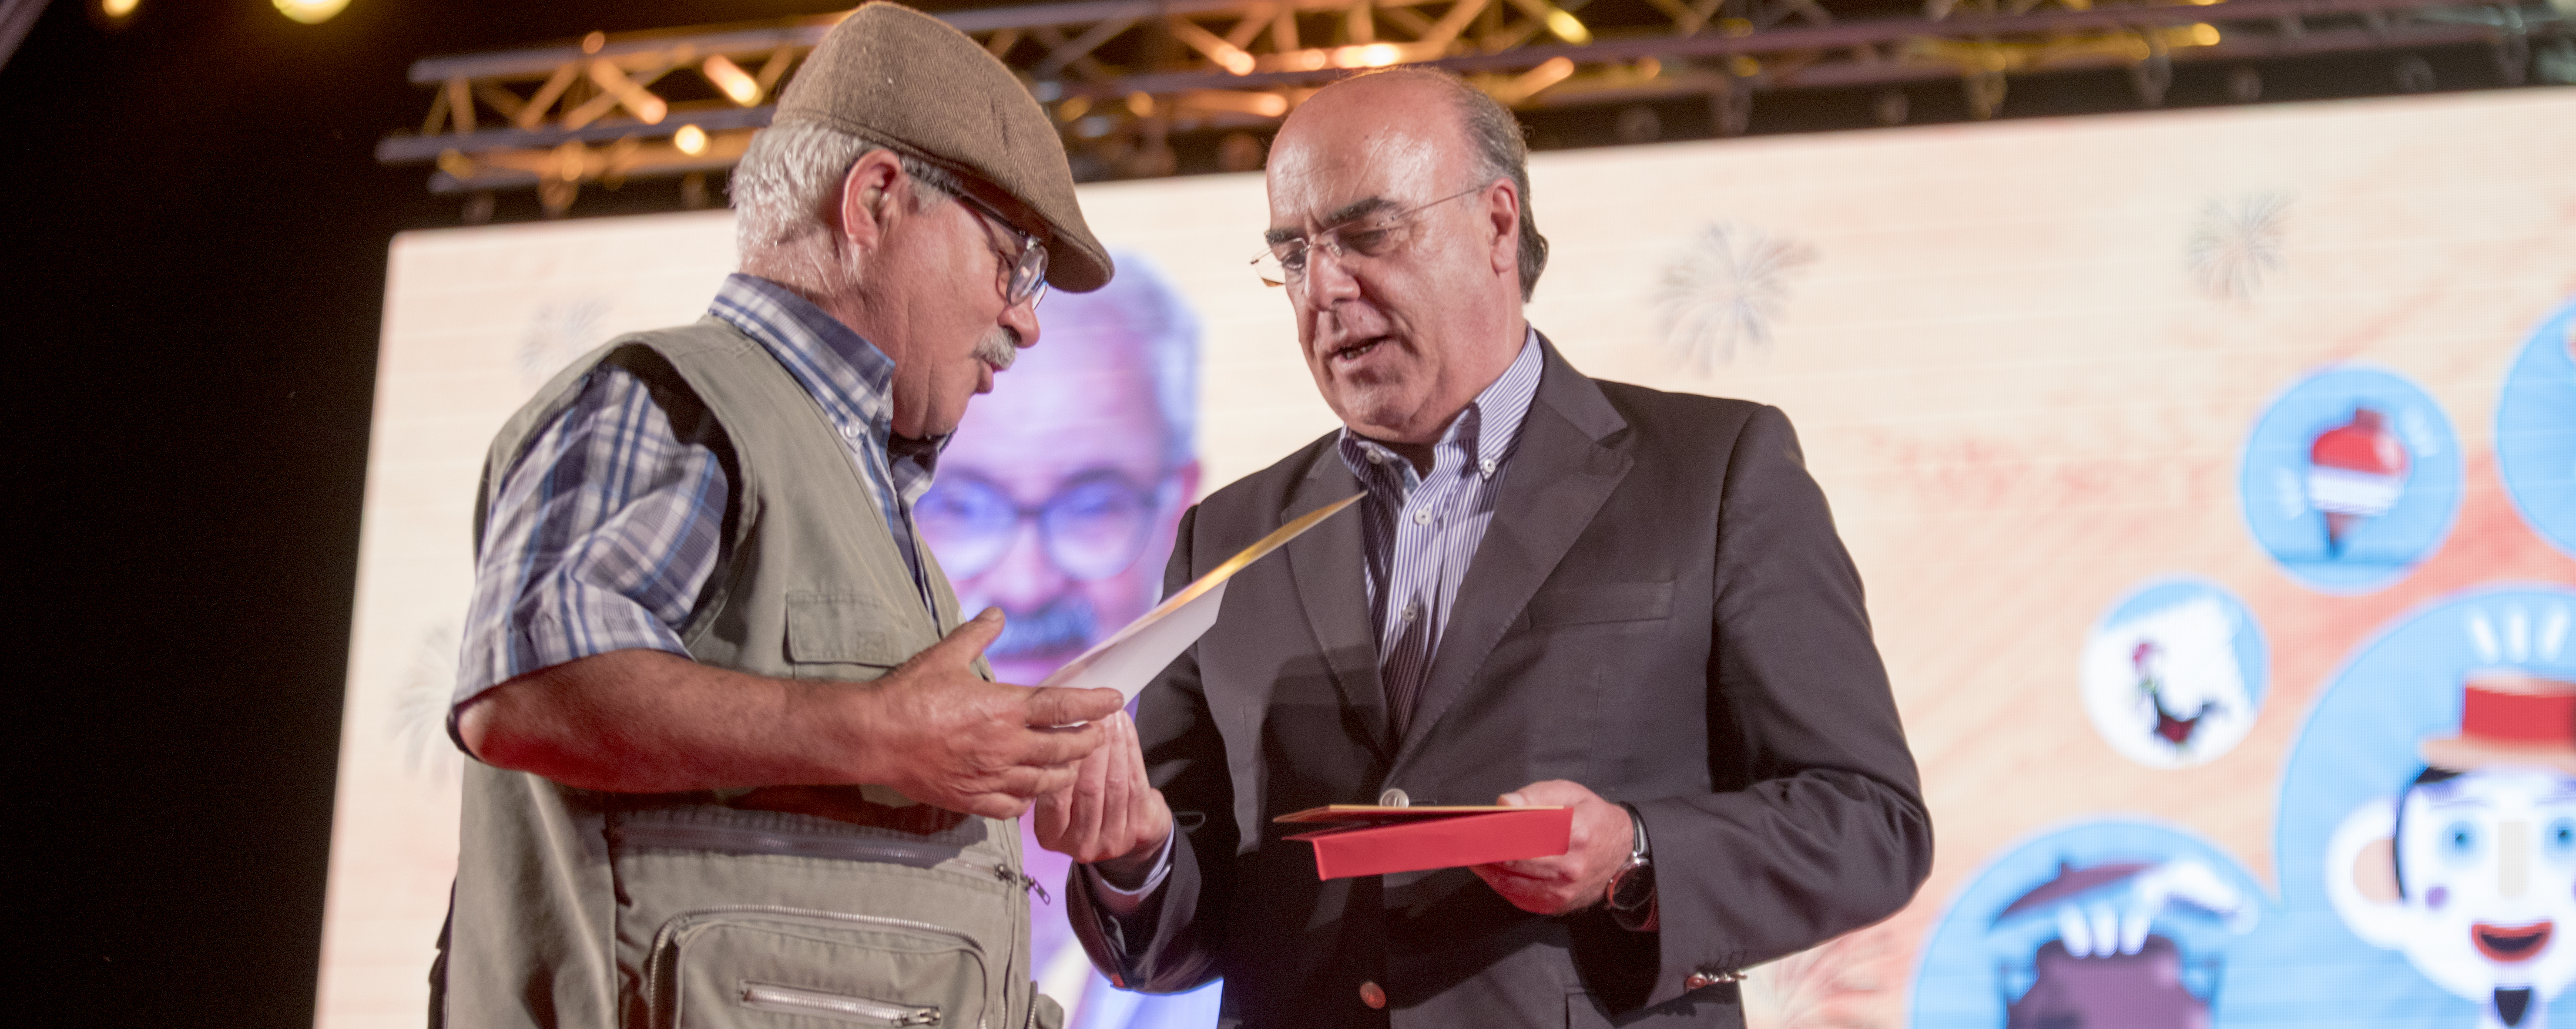 Abílio Pereira distinguido com Prémio Carreira na Gala do Artesanato